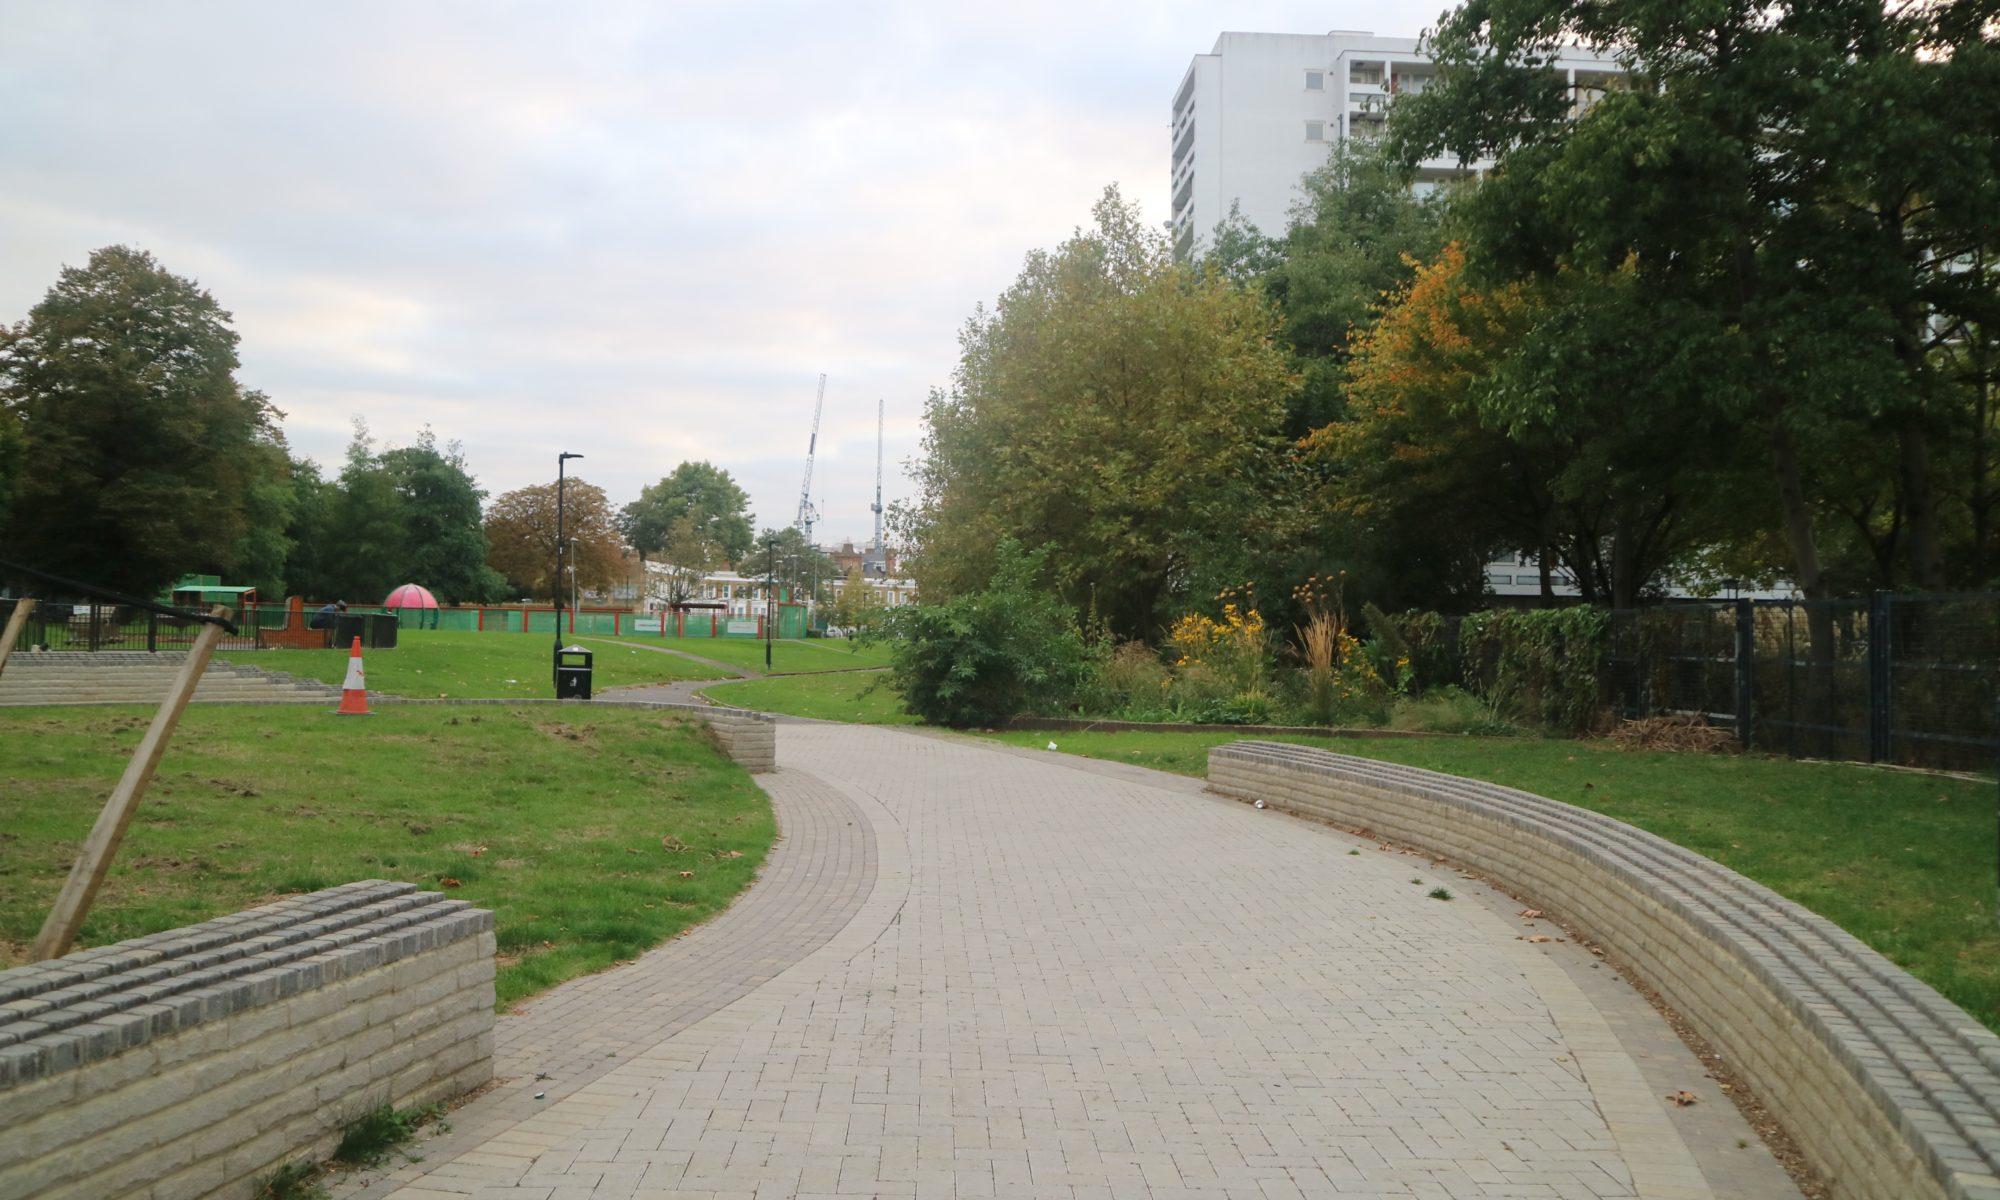 wyck gardens lambeth